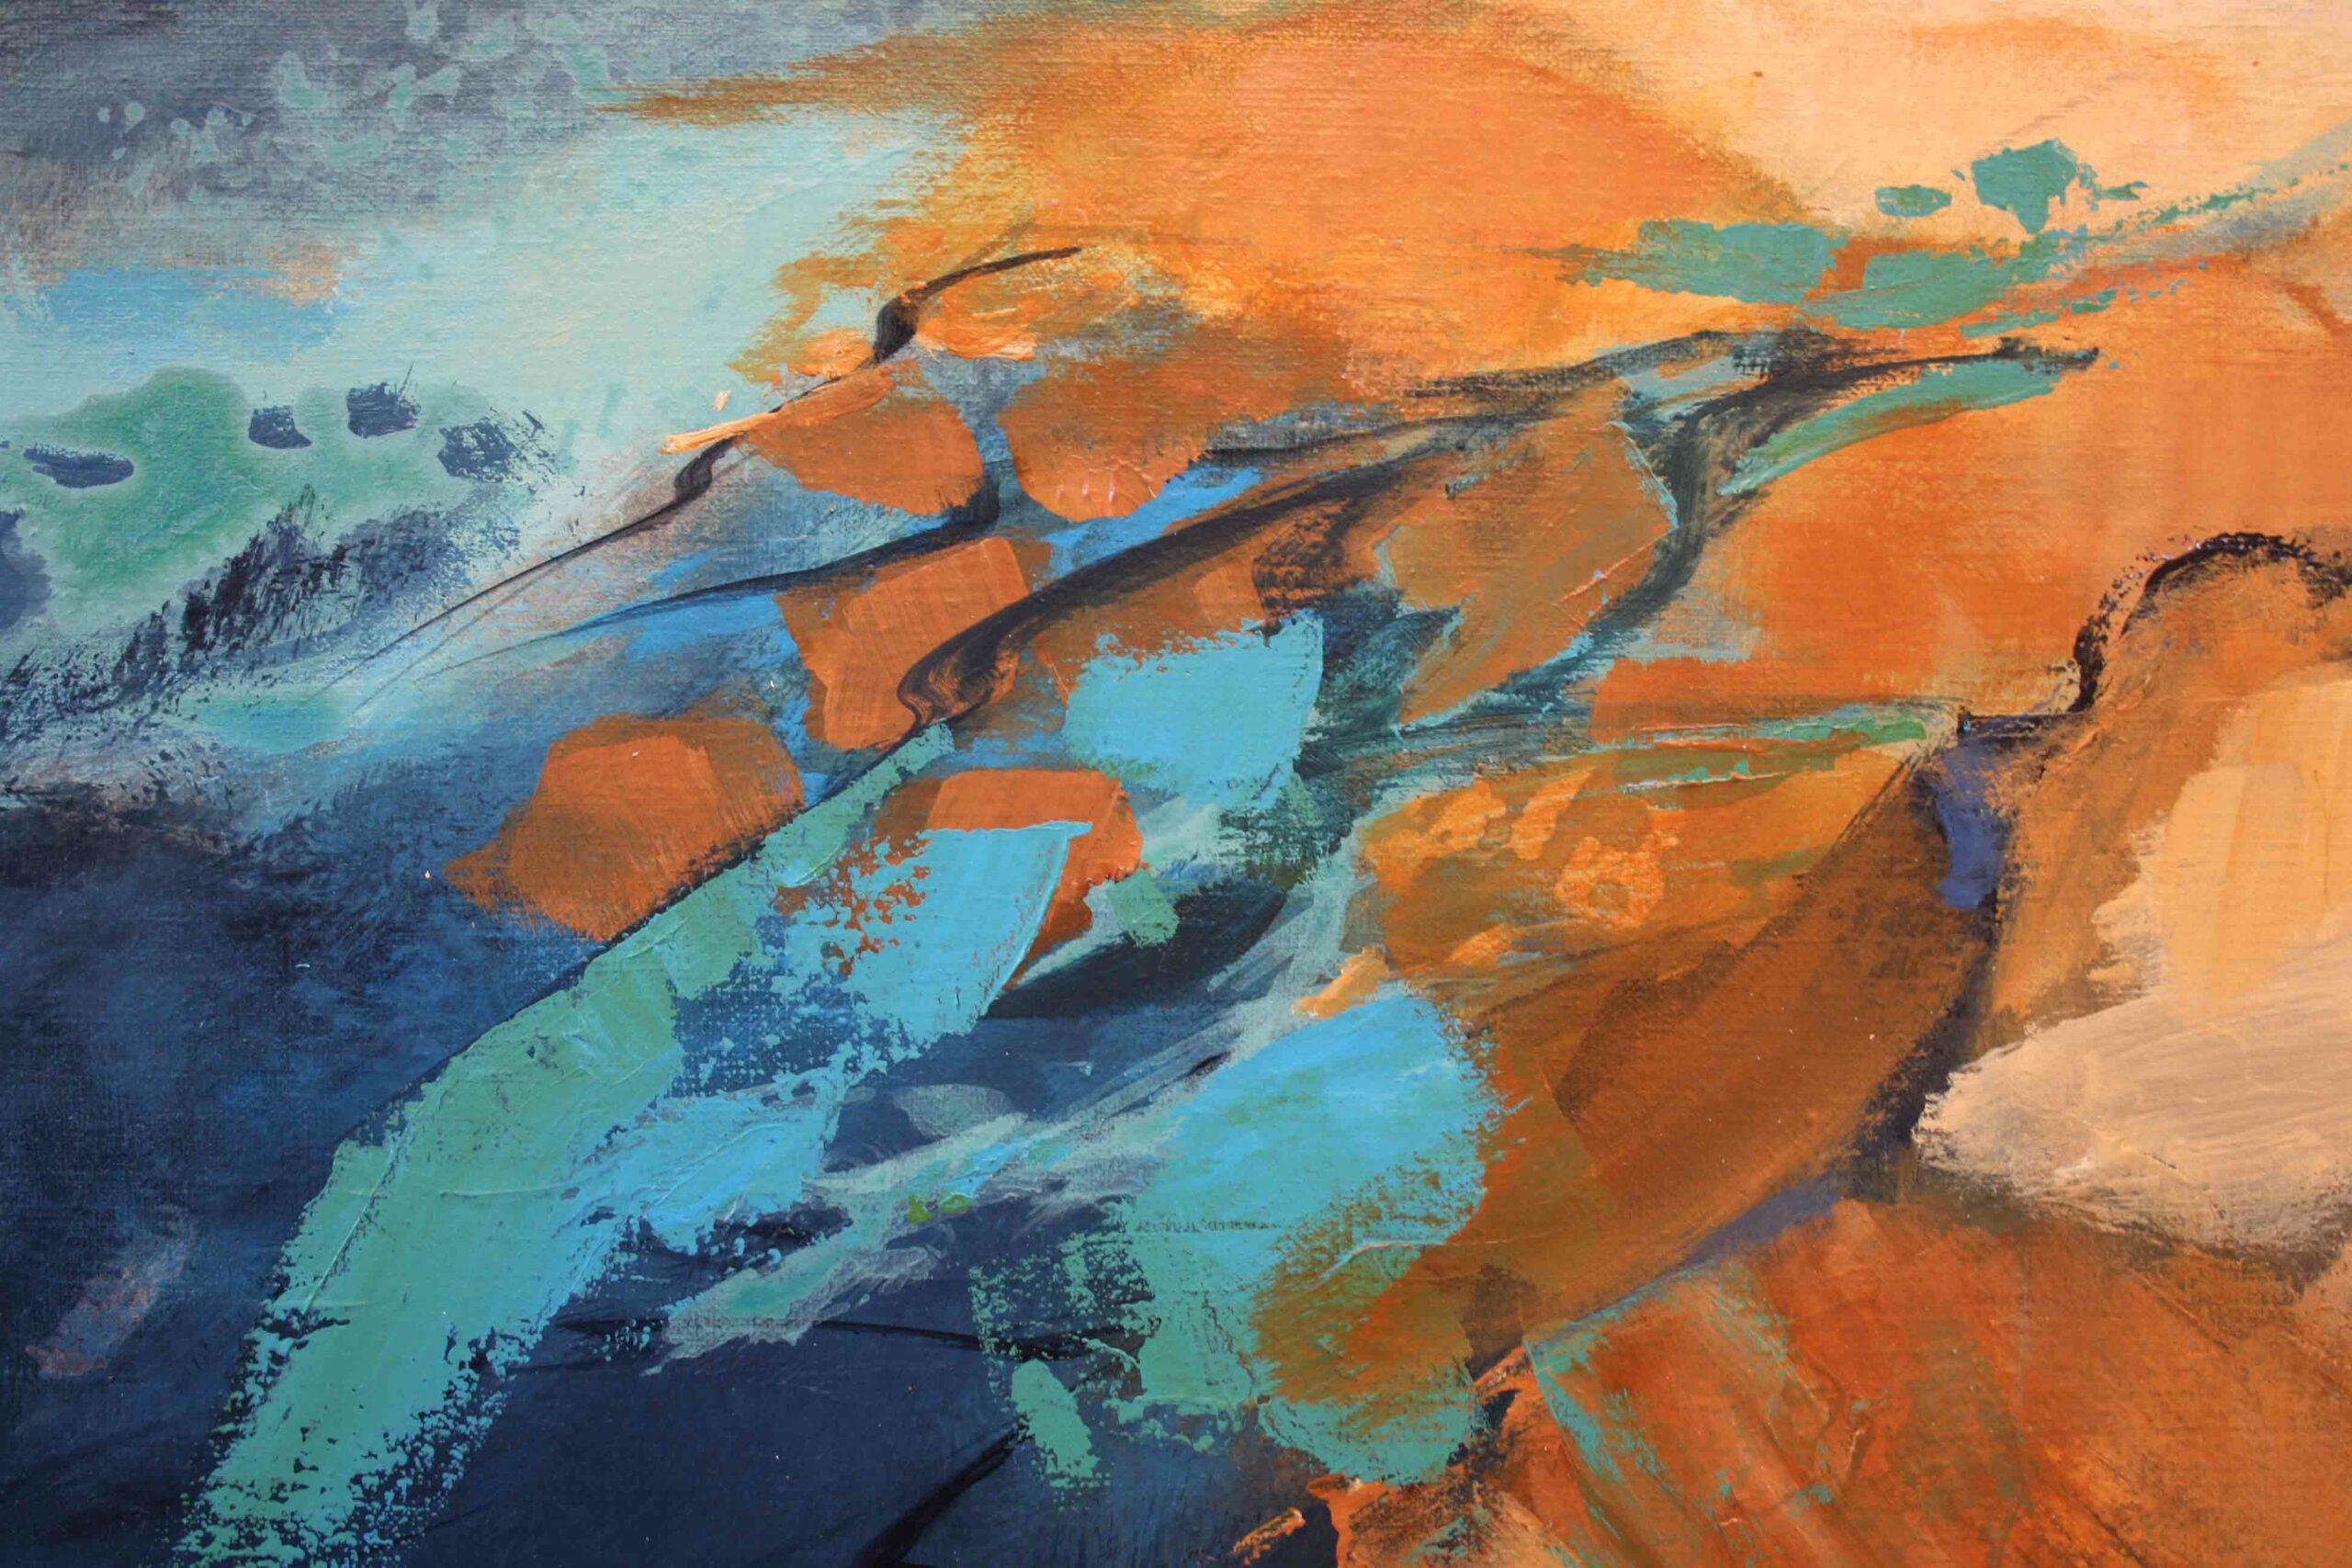 Kunst: Abstract landschap 2111 van kunstenaar Marly Freij(vergezichten)